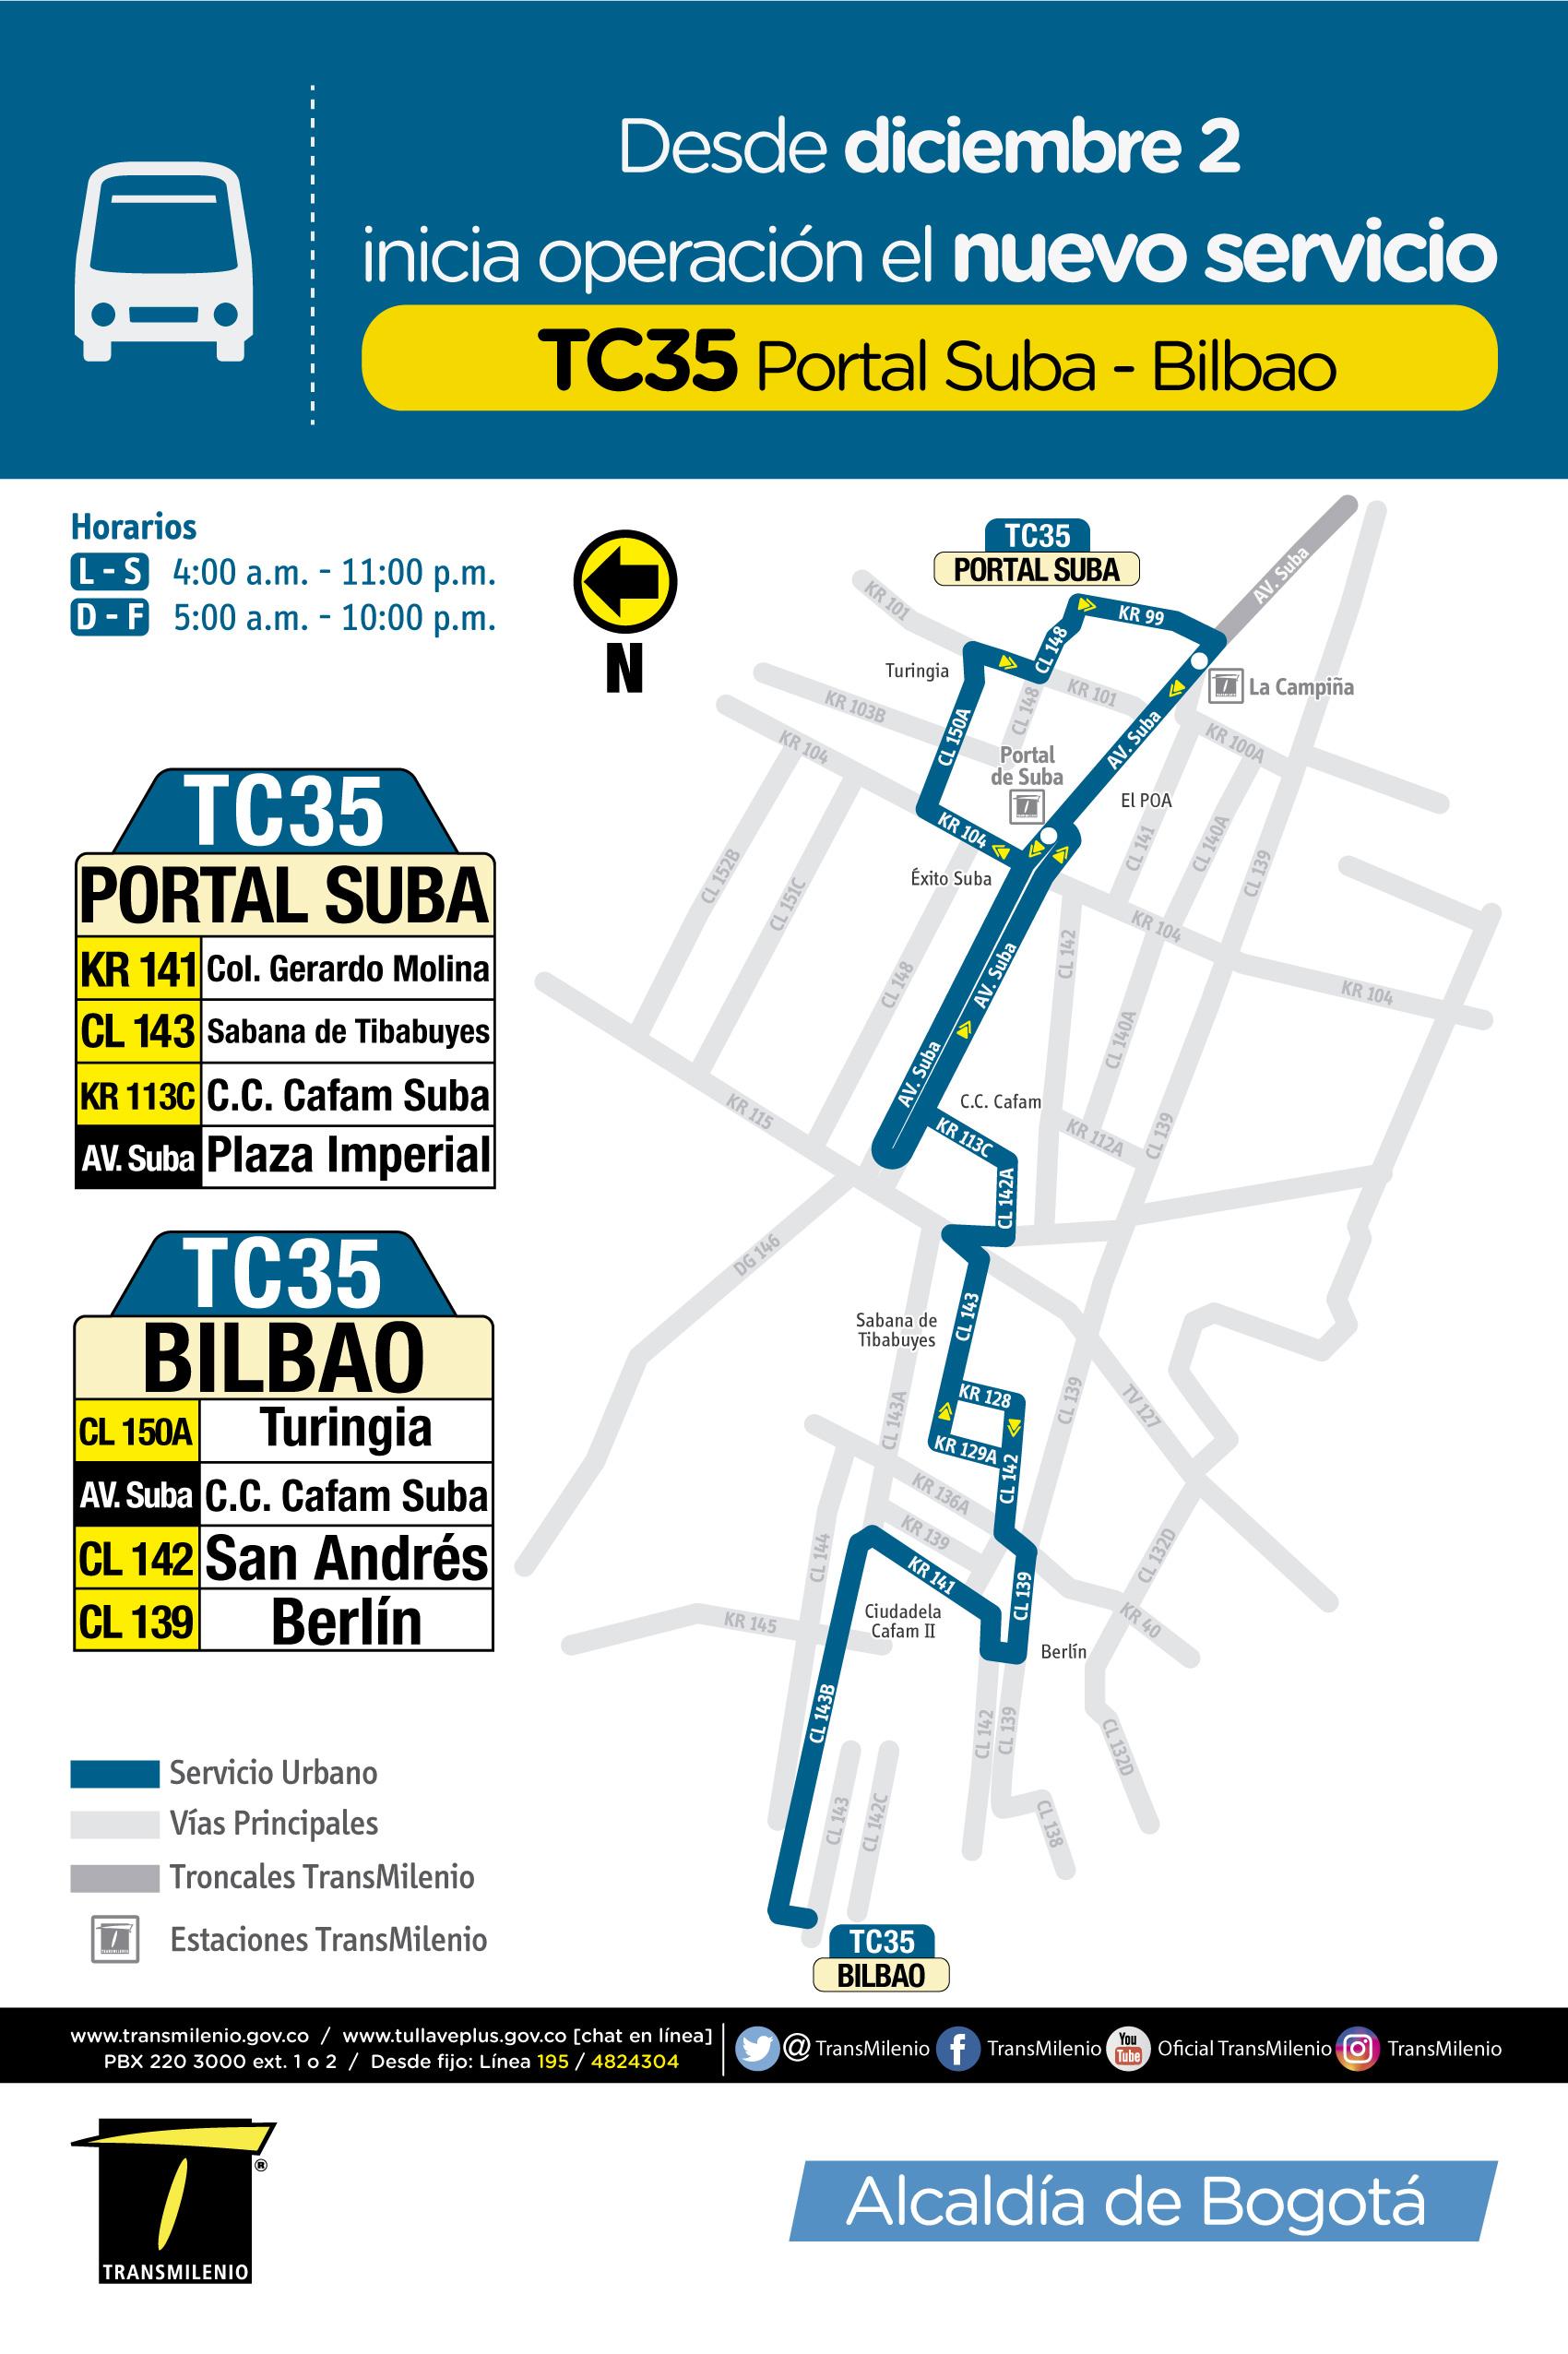 Mapa de recorrido de la ruta TC35